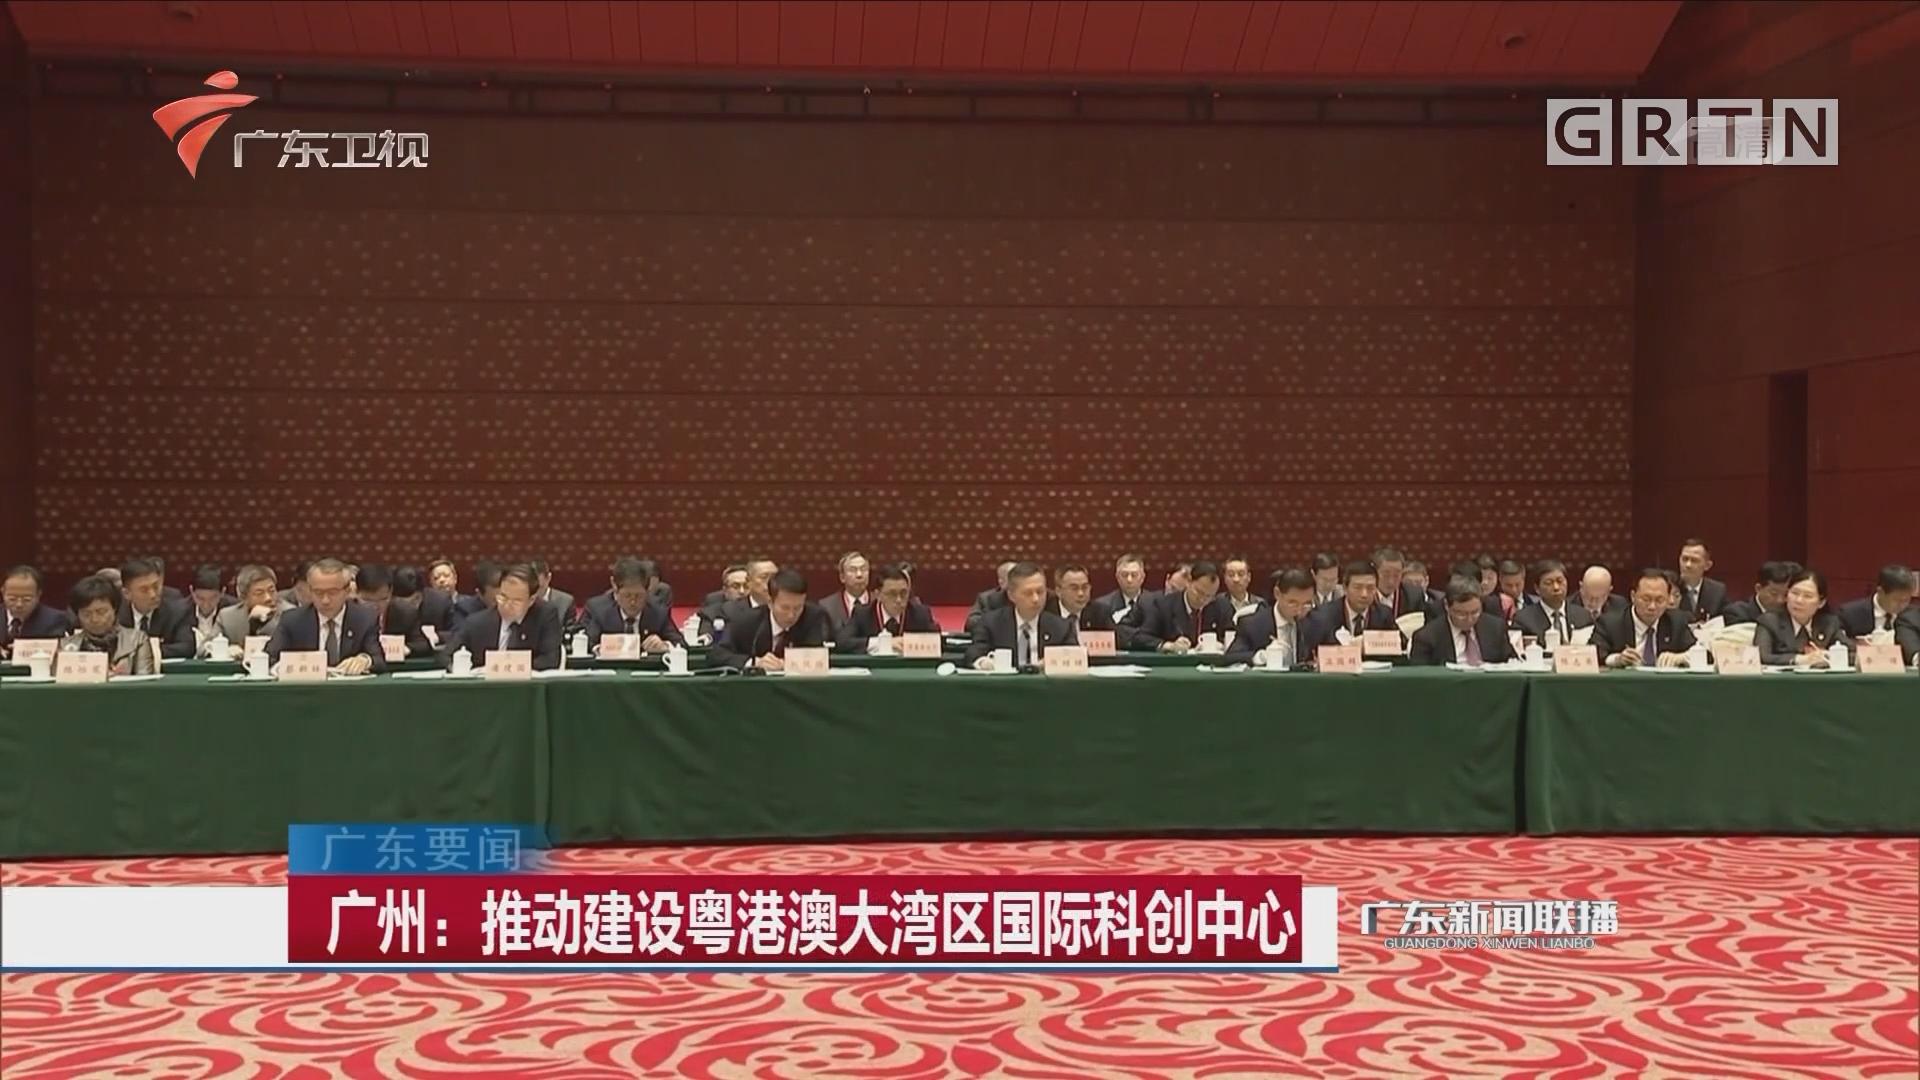 广州:推动建设粤港澳大湾区国际科创中心